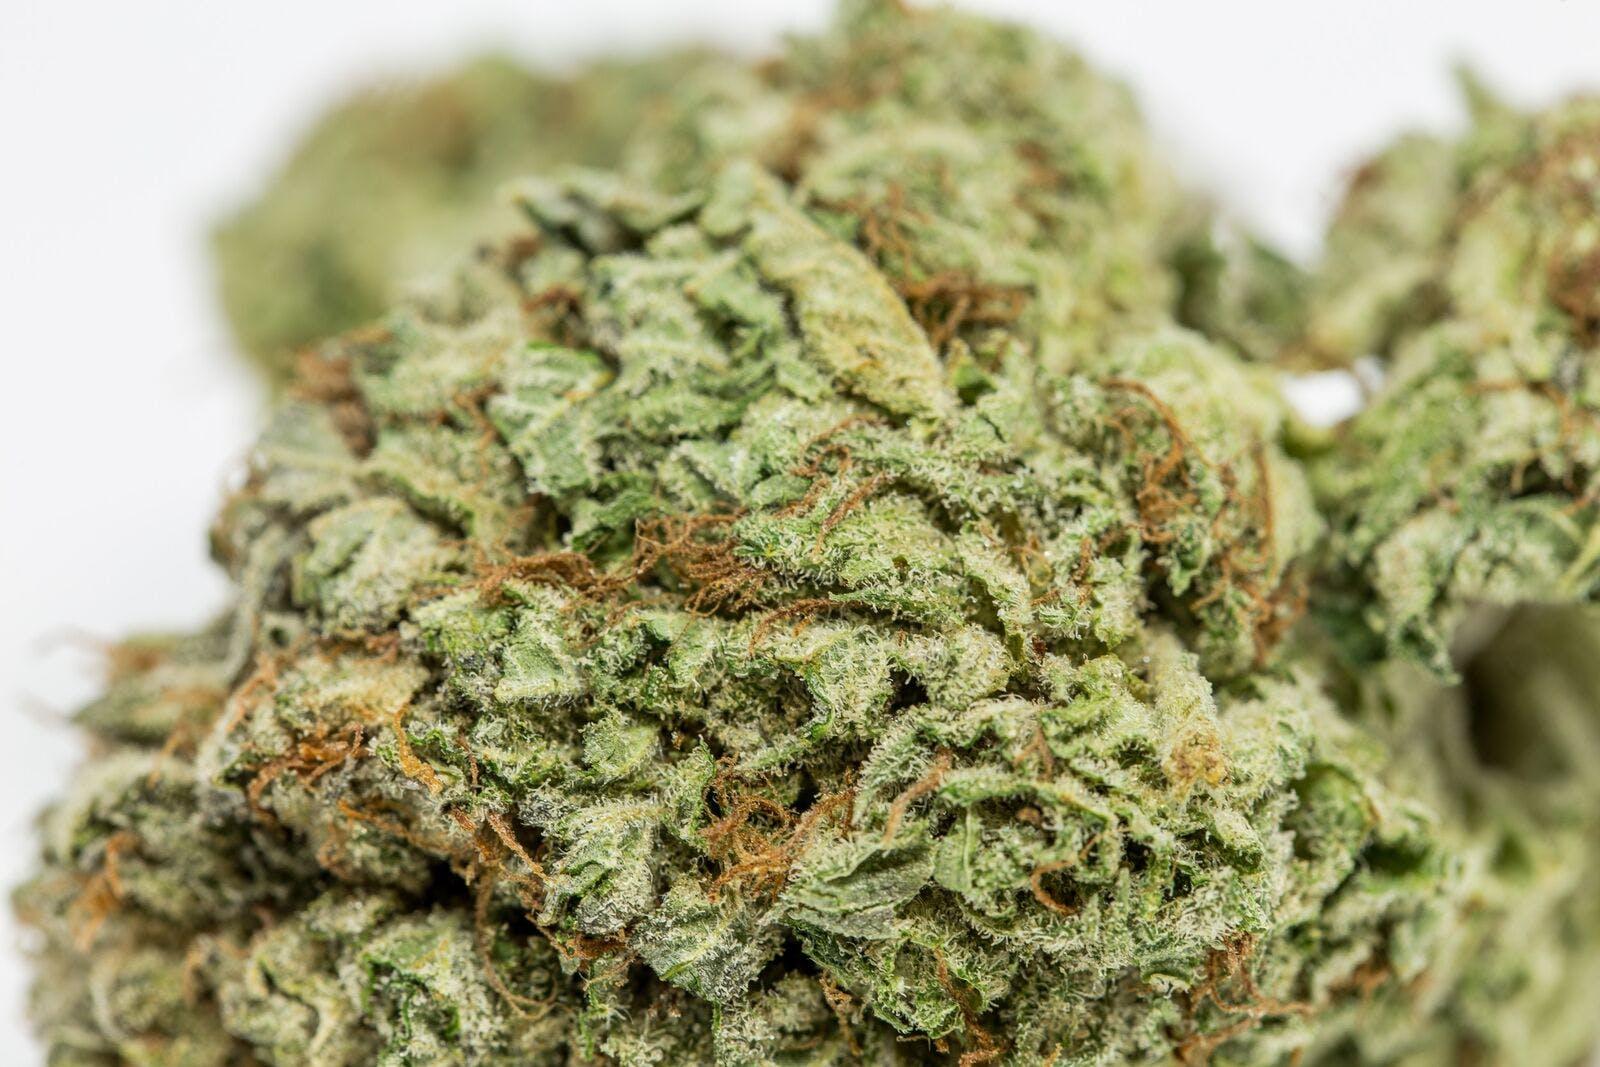 Jedi OG Weed; Jedi OG Cannabis Strain; Jedi OG Indica Marijuana Strain